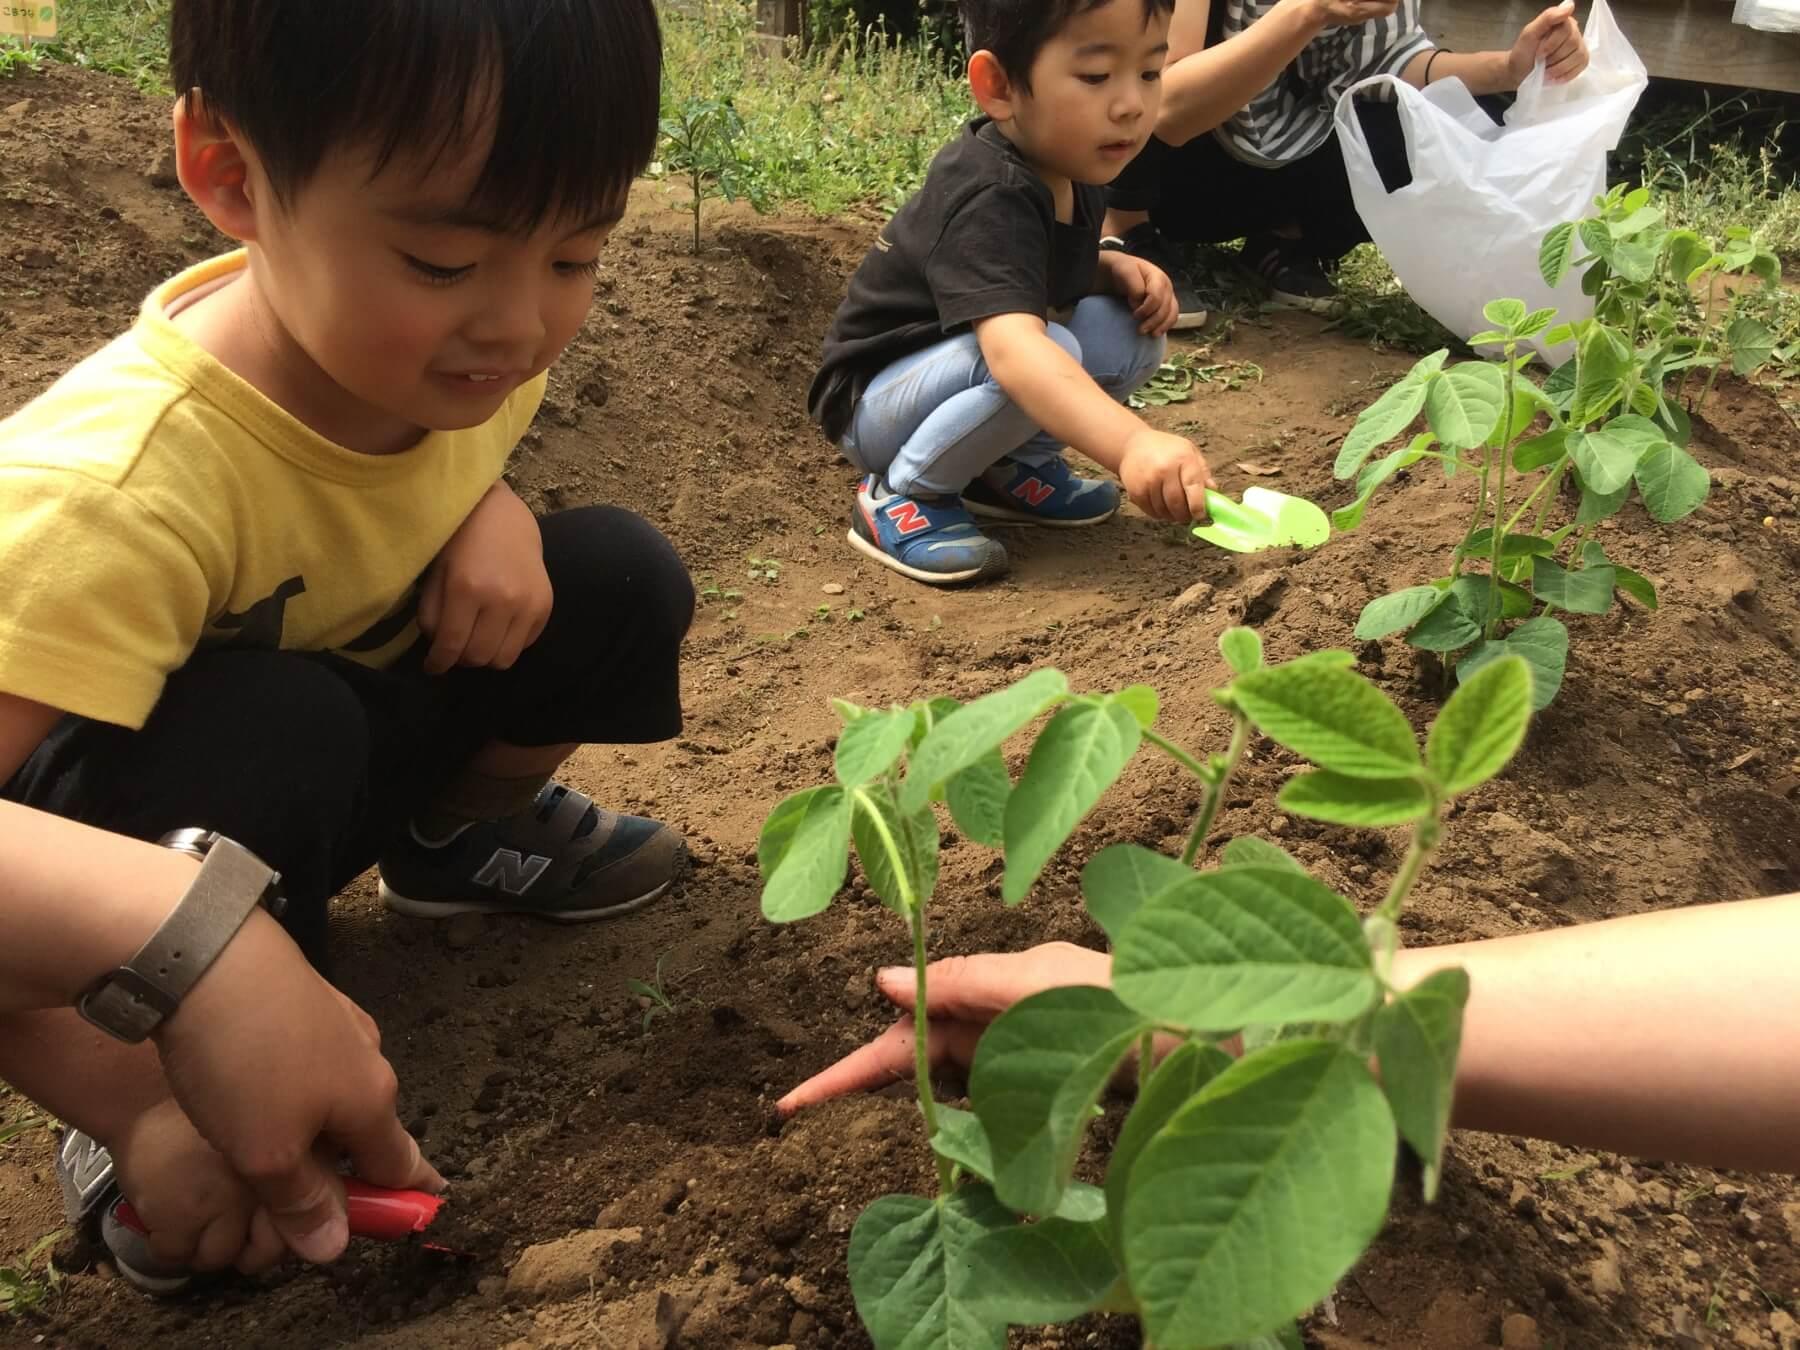 苗を植える子供達